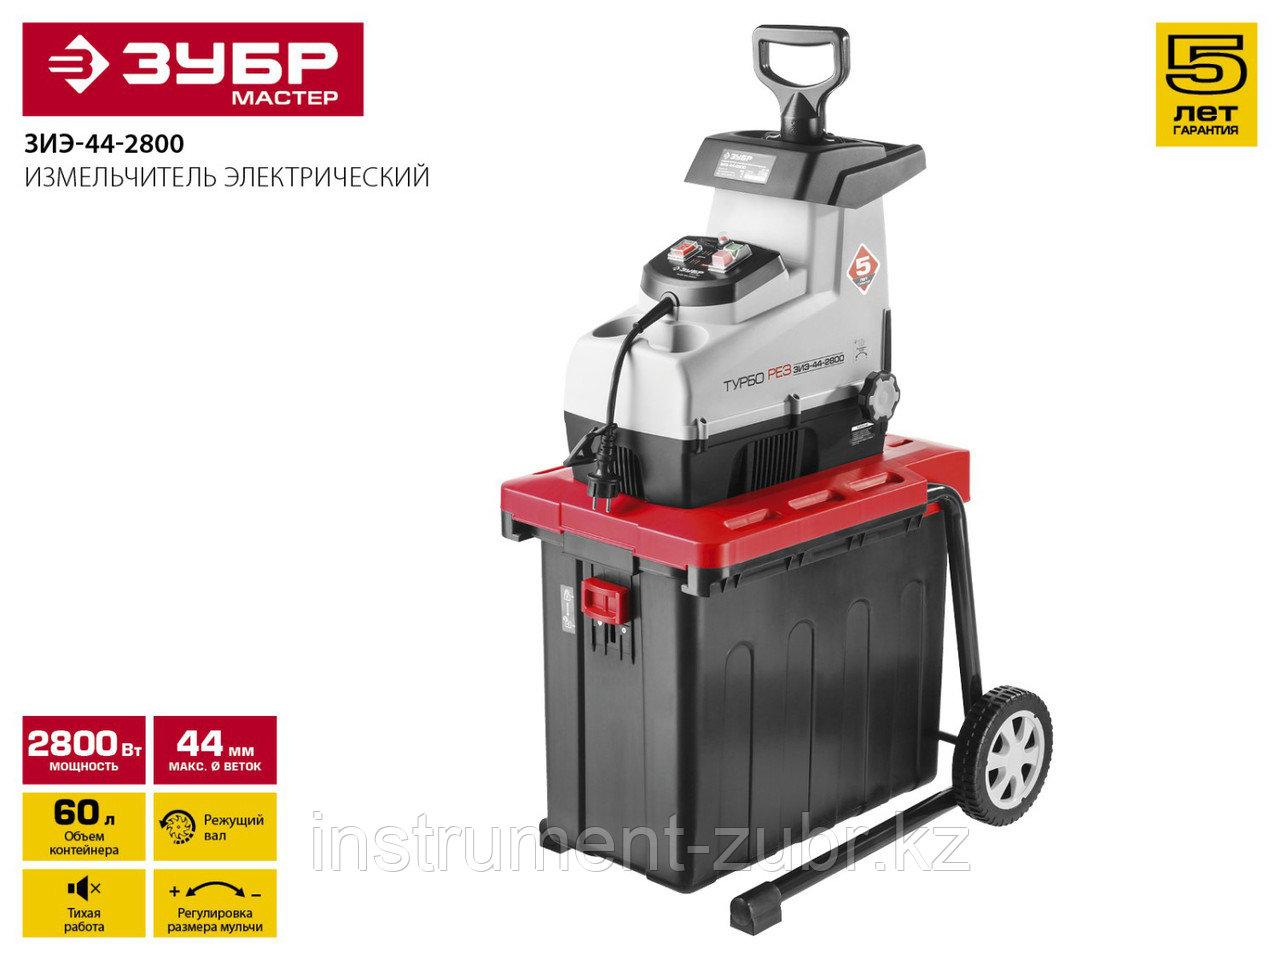 Измельчитель садовый электрический, ЗУБР ЗИЭ-44-2800, бесшумный, р/с 44 мм, контейнер 60 л, 2800 Вт